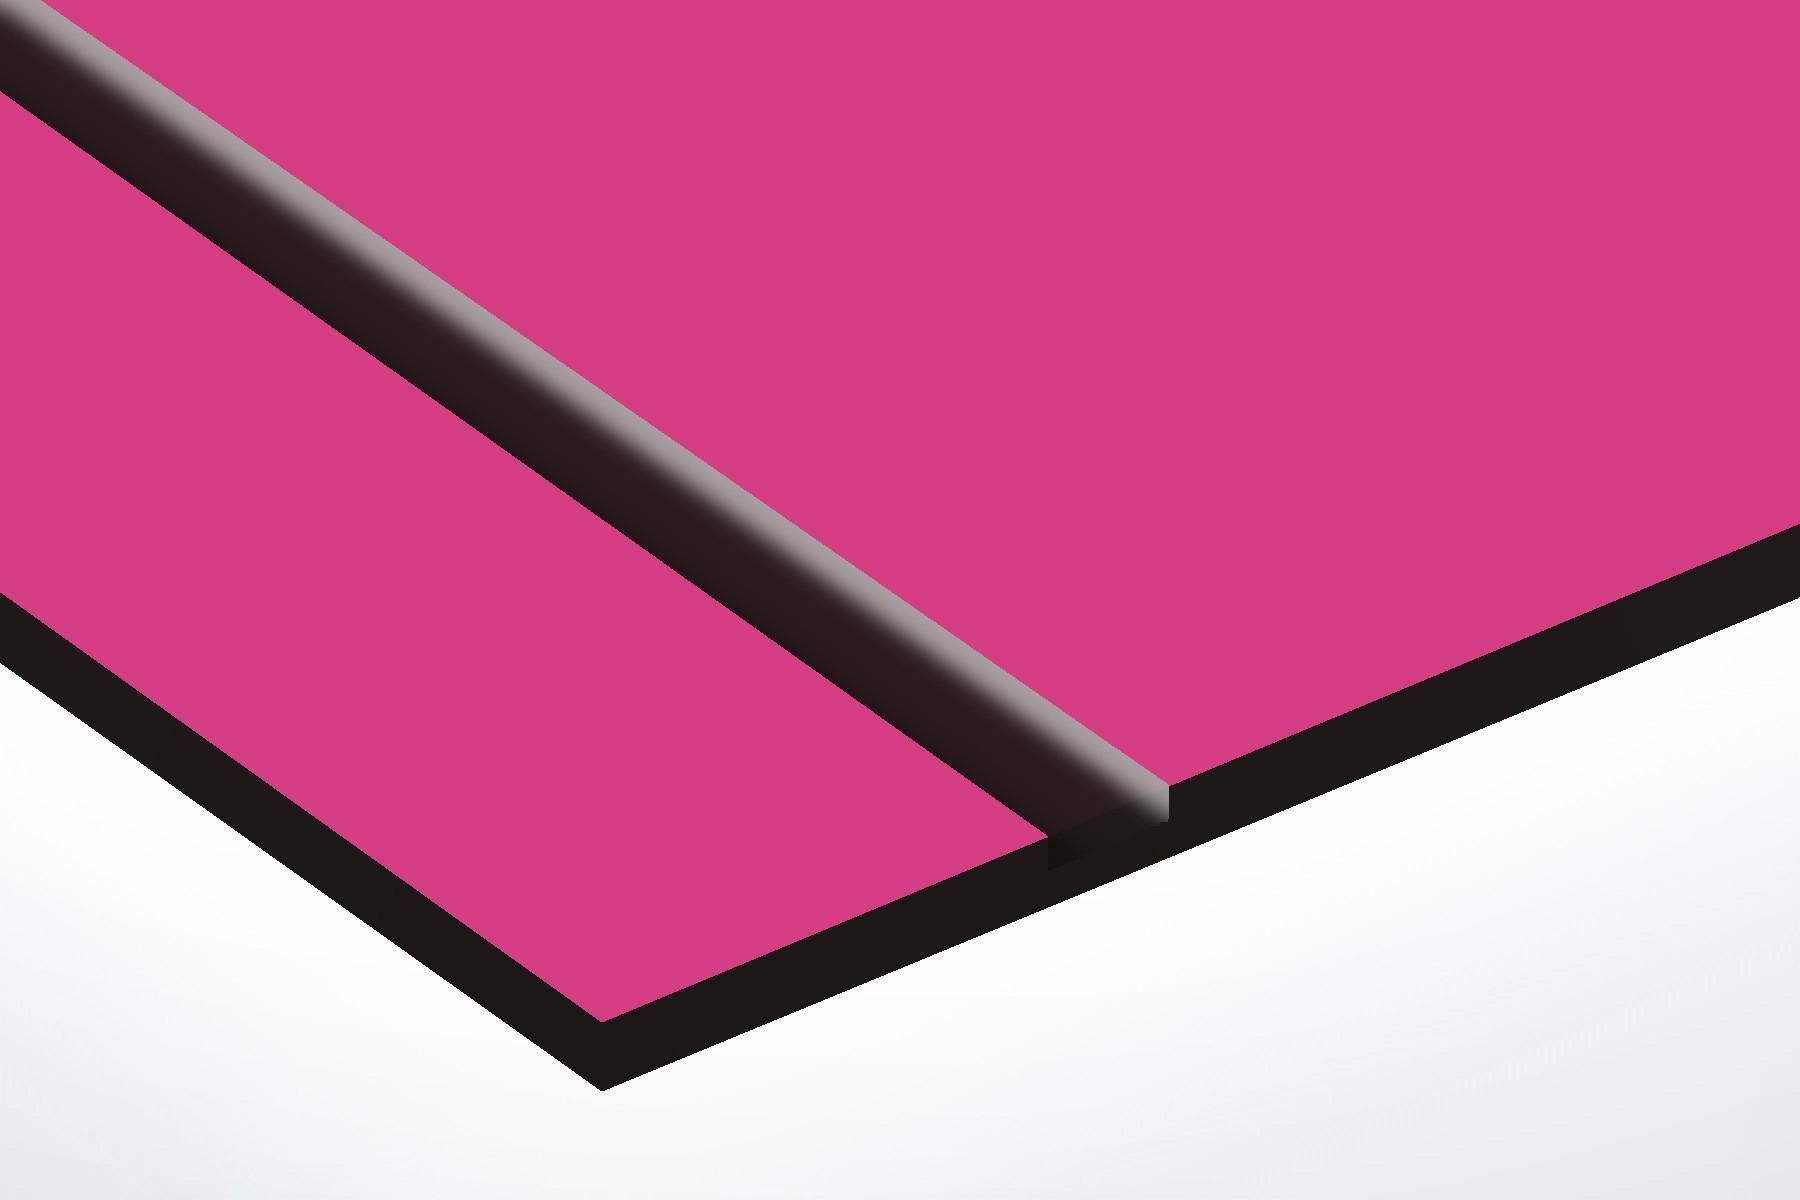 Plaque boite aux lettres Edelen STOP PUB (99x24mm) rose lettres noires - 3 lignes